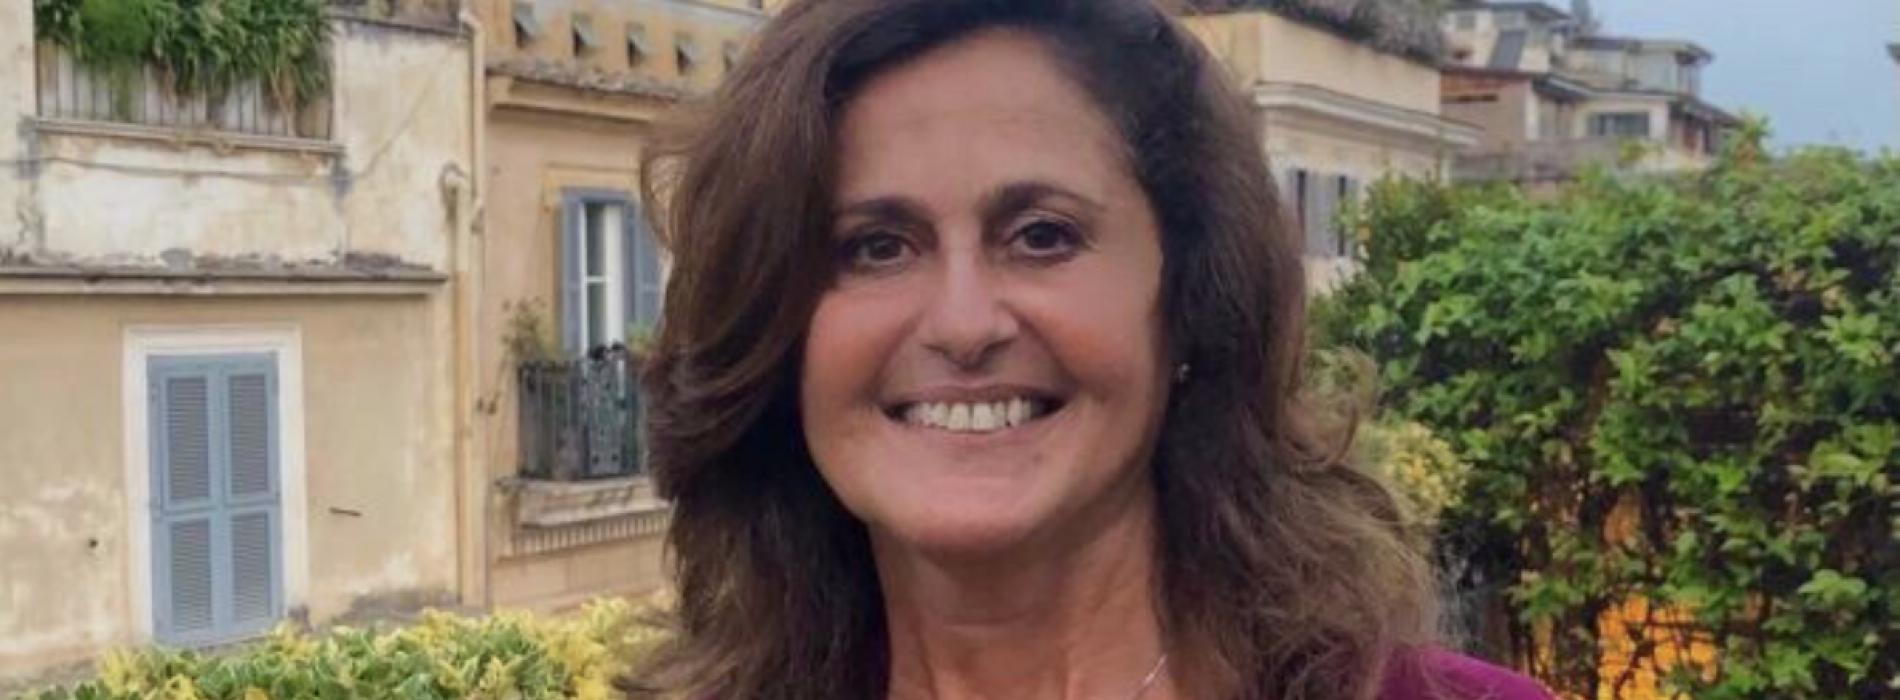 Anna Ricciardi, nuova presidente per il Soroptimist di Caserta